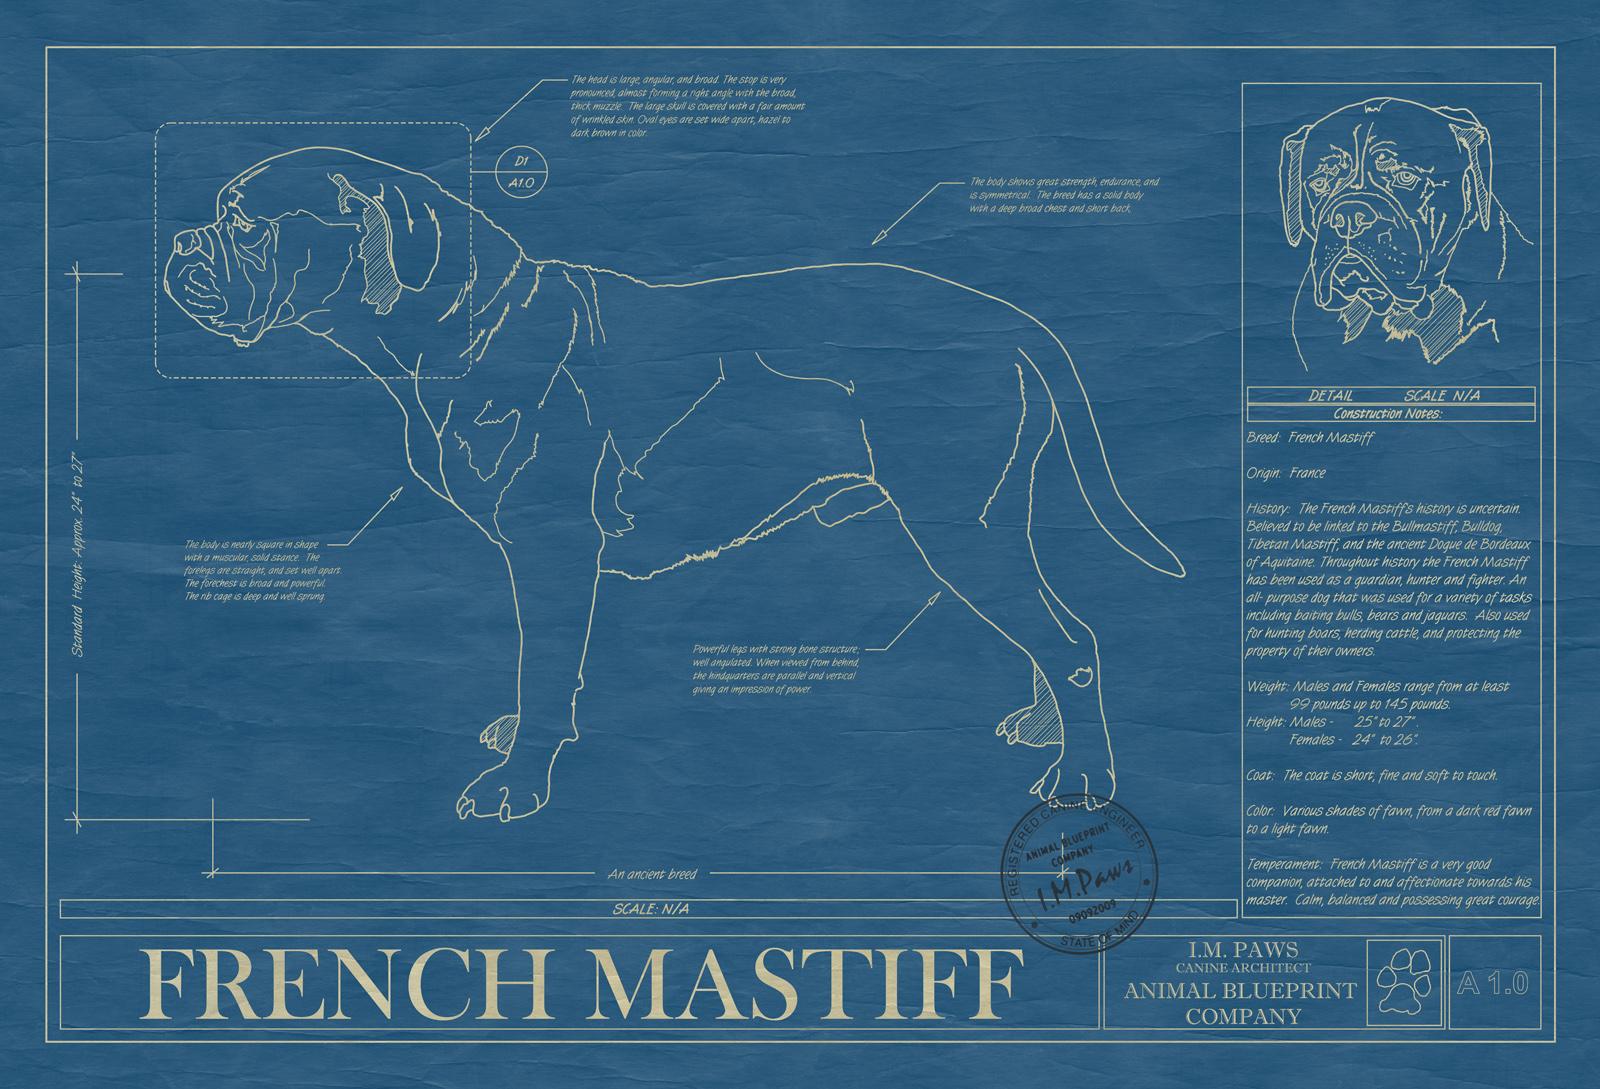 French mastiff animal blueprint company french mastiff dog blueprint malvernweather Images